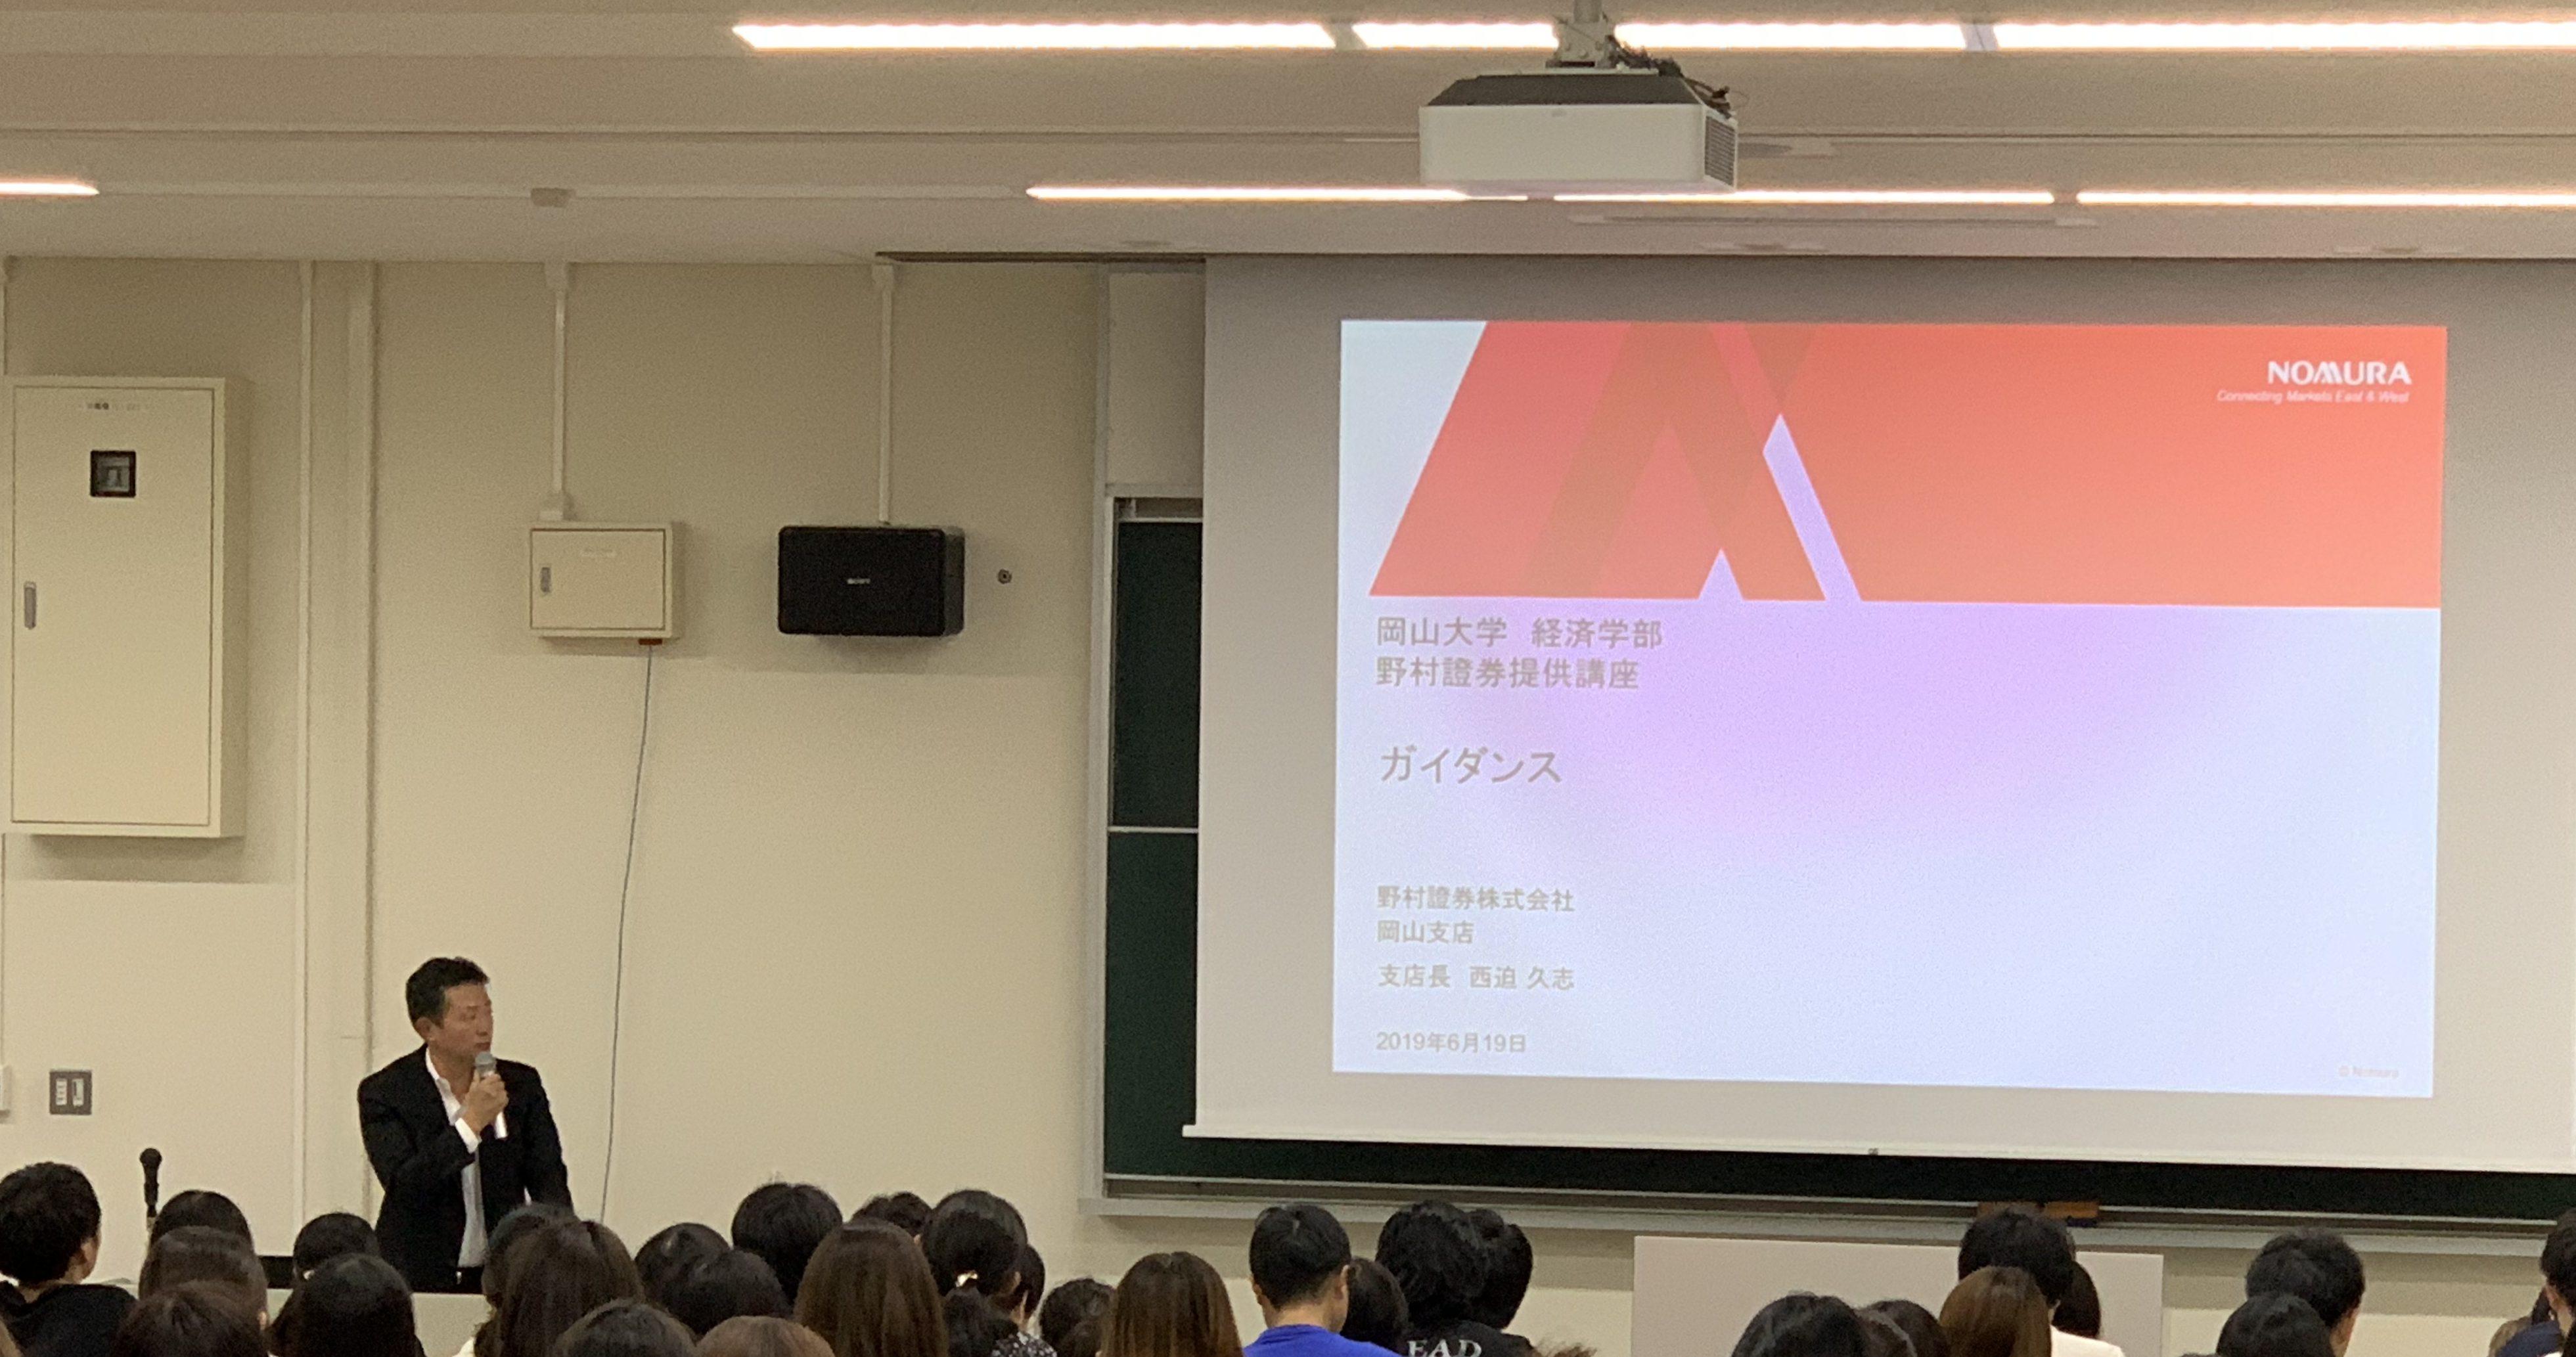 令和元年特殊講義(資本市場の役割と証券投資)が開講